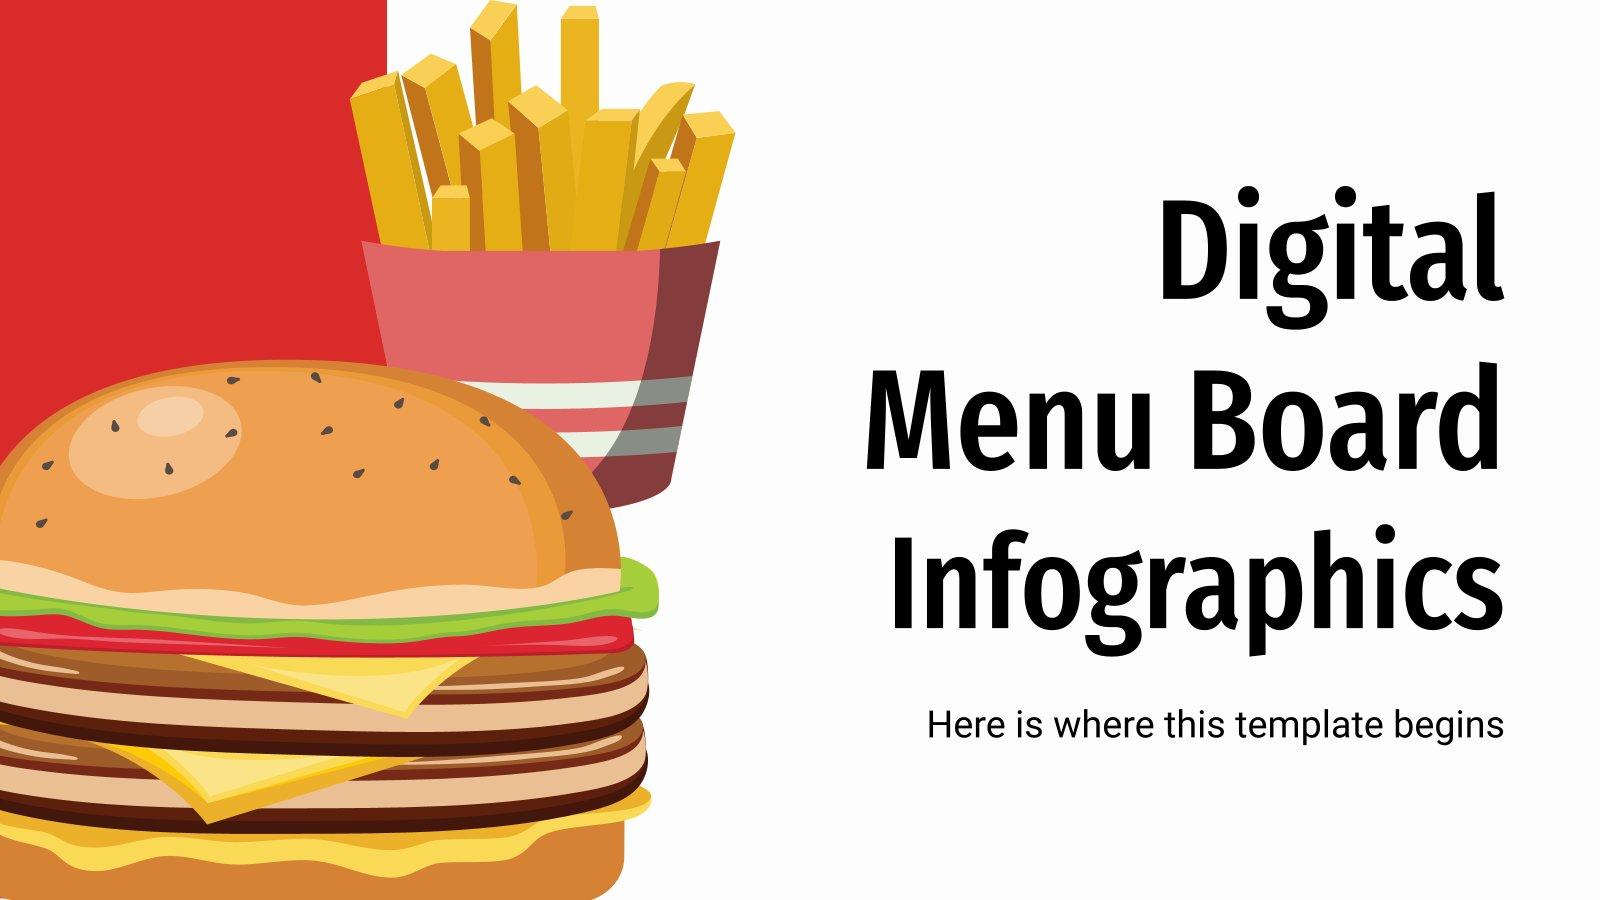 Modelo de apresentação Infográficos de menus digitais